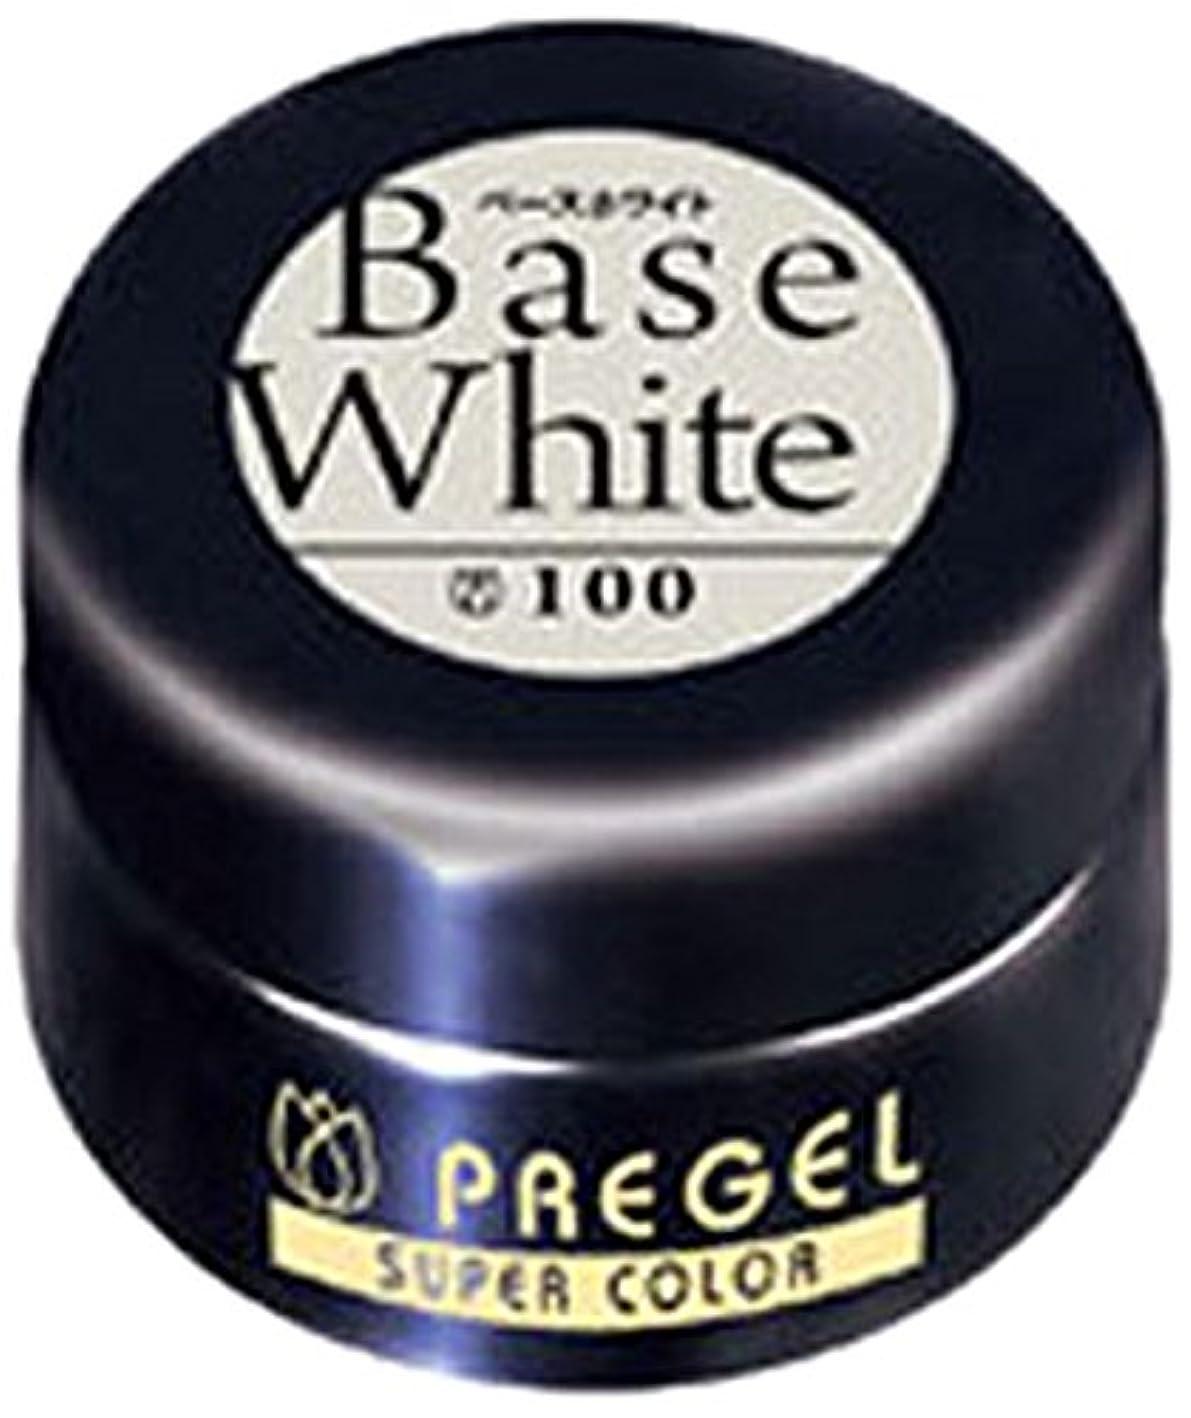 上下する受け継ぐ平手打ちプリジェル スーパーカラーEX ベースホワイト 4g PG-SE100 カラージェル